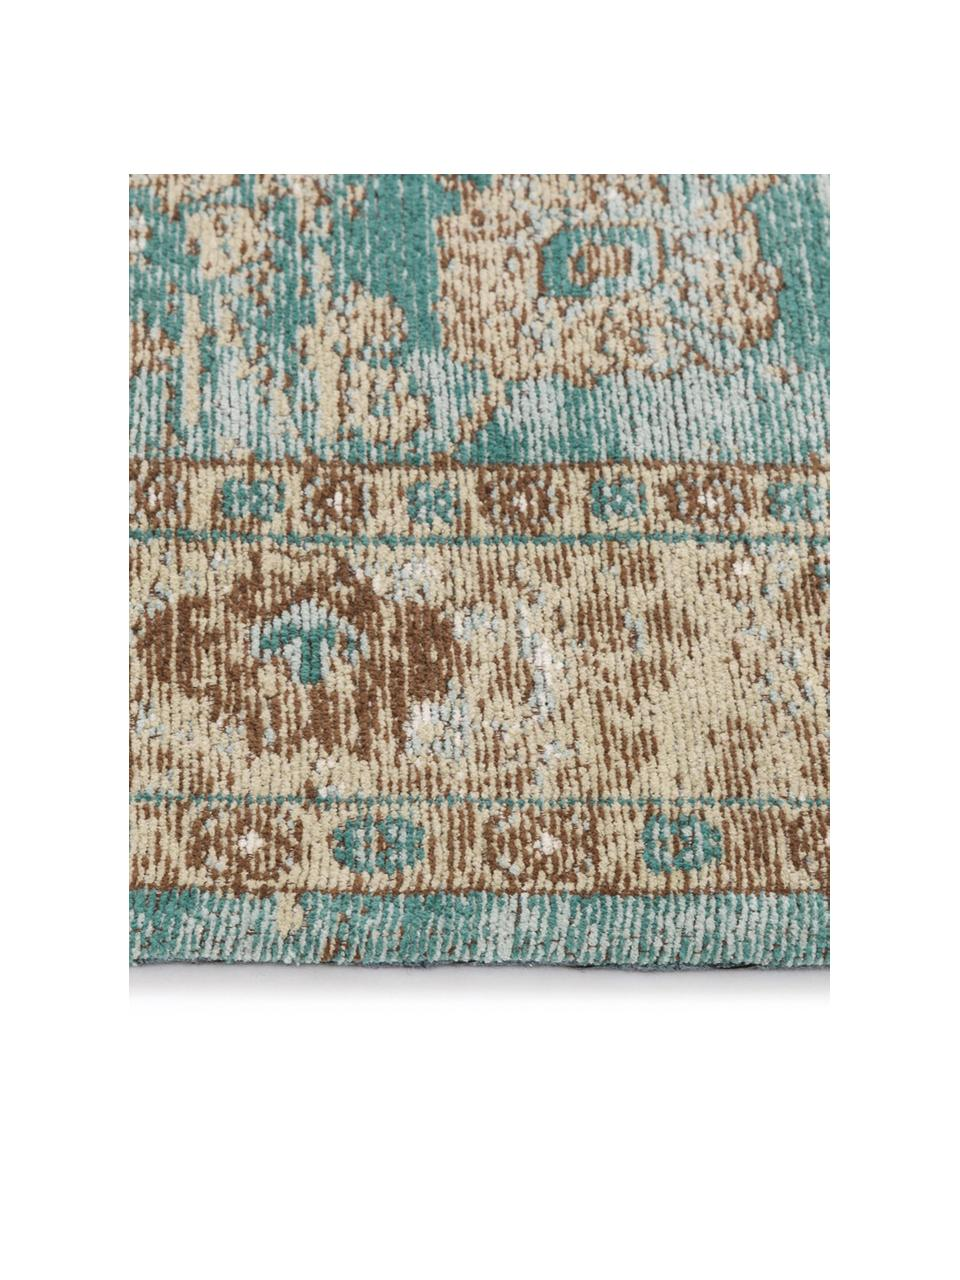 Tappeto in ciniglia tessuto a mano Rimini, Retro: 100% cotone, Turchese, taupe, marrone, Larg. 120 x Lung. 180 cm (taglia S)